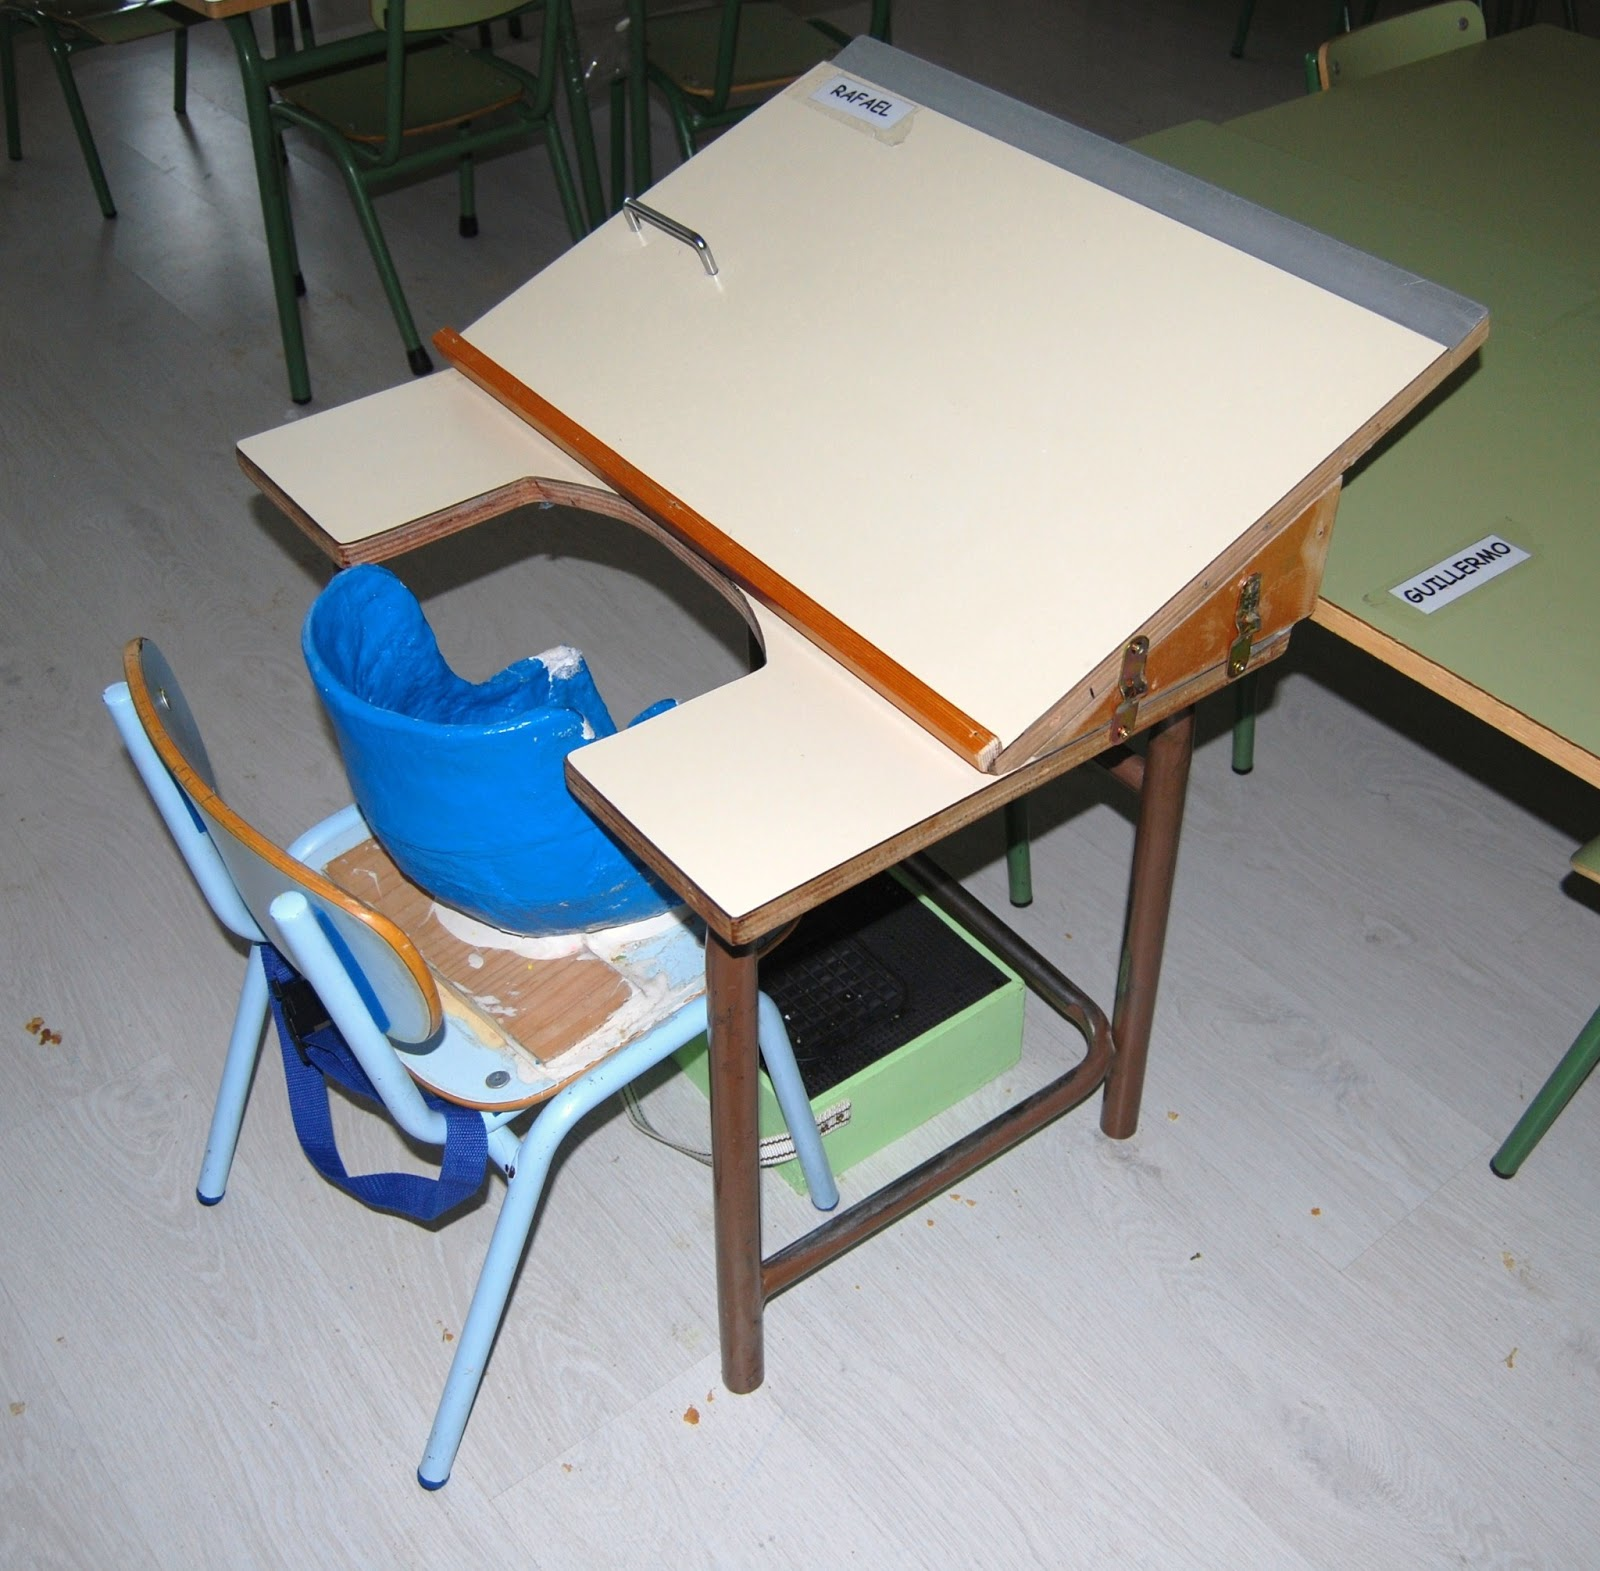 El ba l de a l mobiliario de aula para ni s con for Mobiliario para ninos